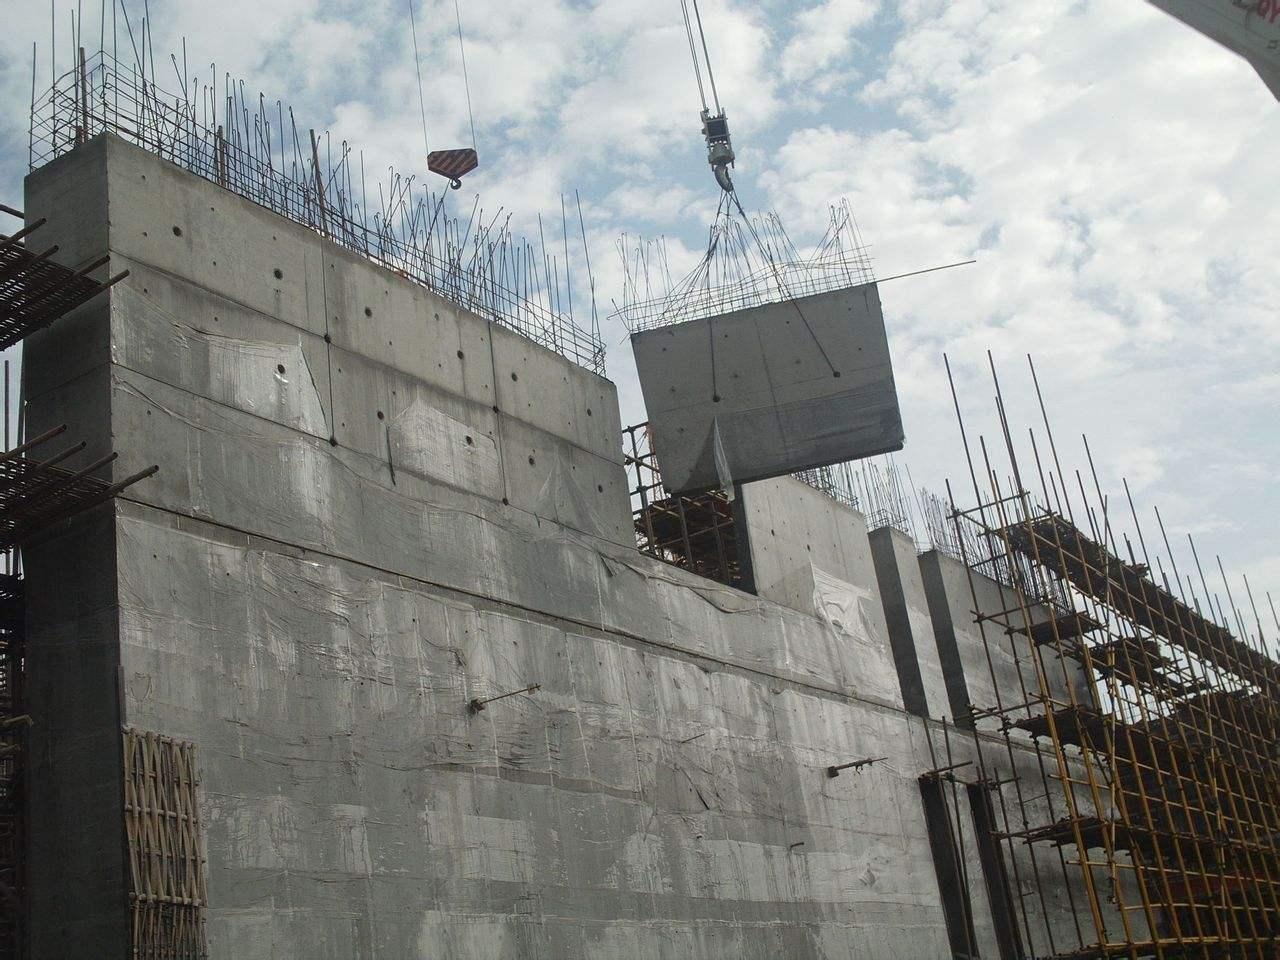 银川钢筋混凝土静力切割-专业的钢筋混凝土静力切割拆除上哪找